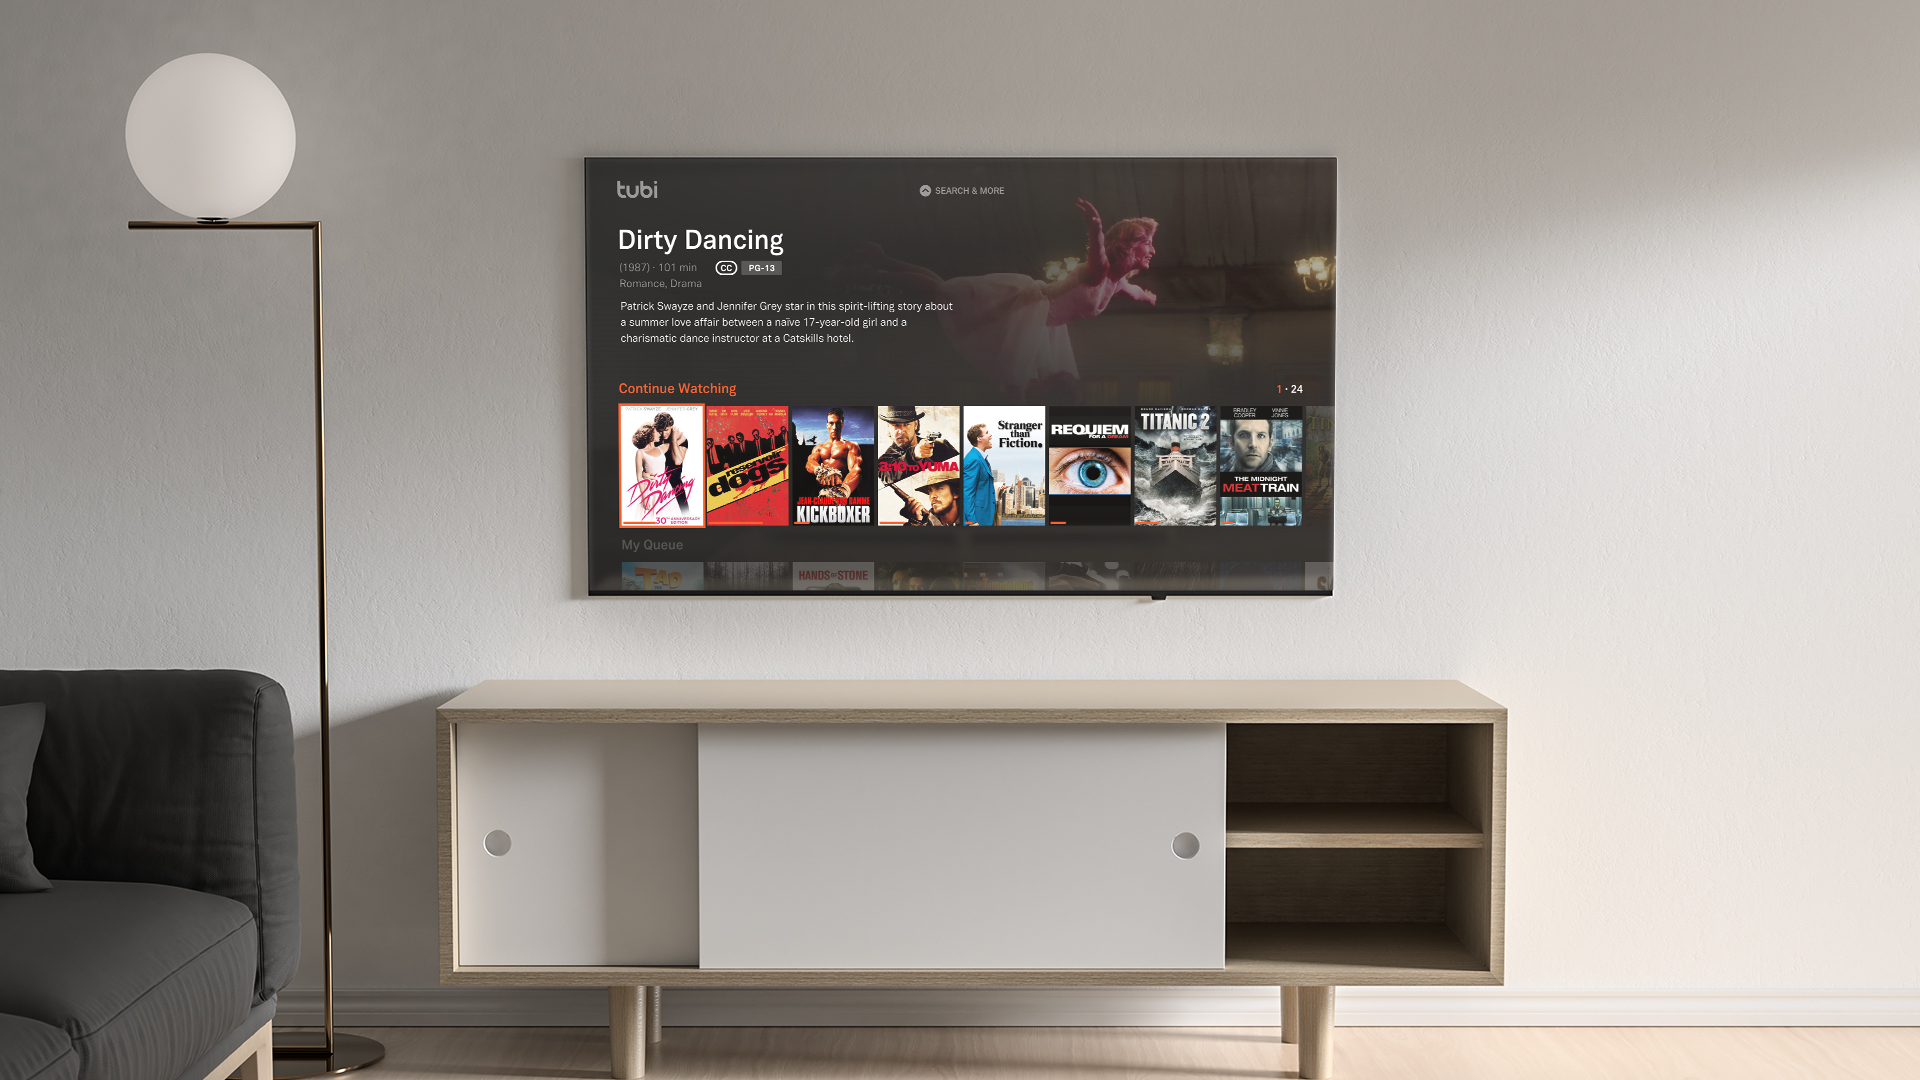 Netflix alternative Tubi TV begins global expansion